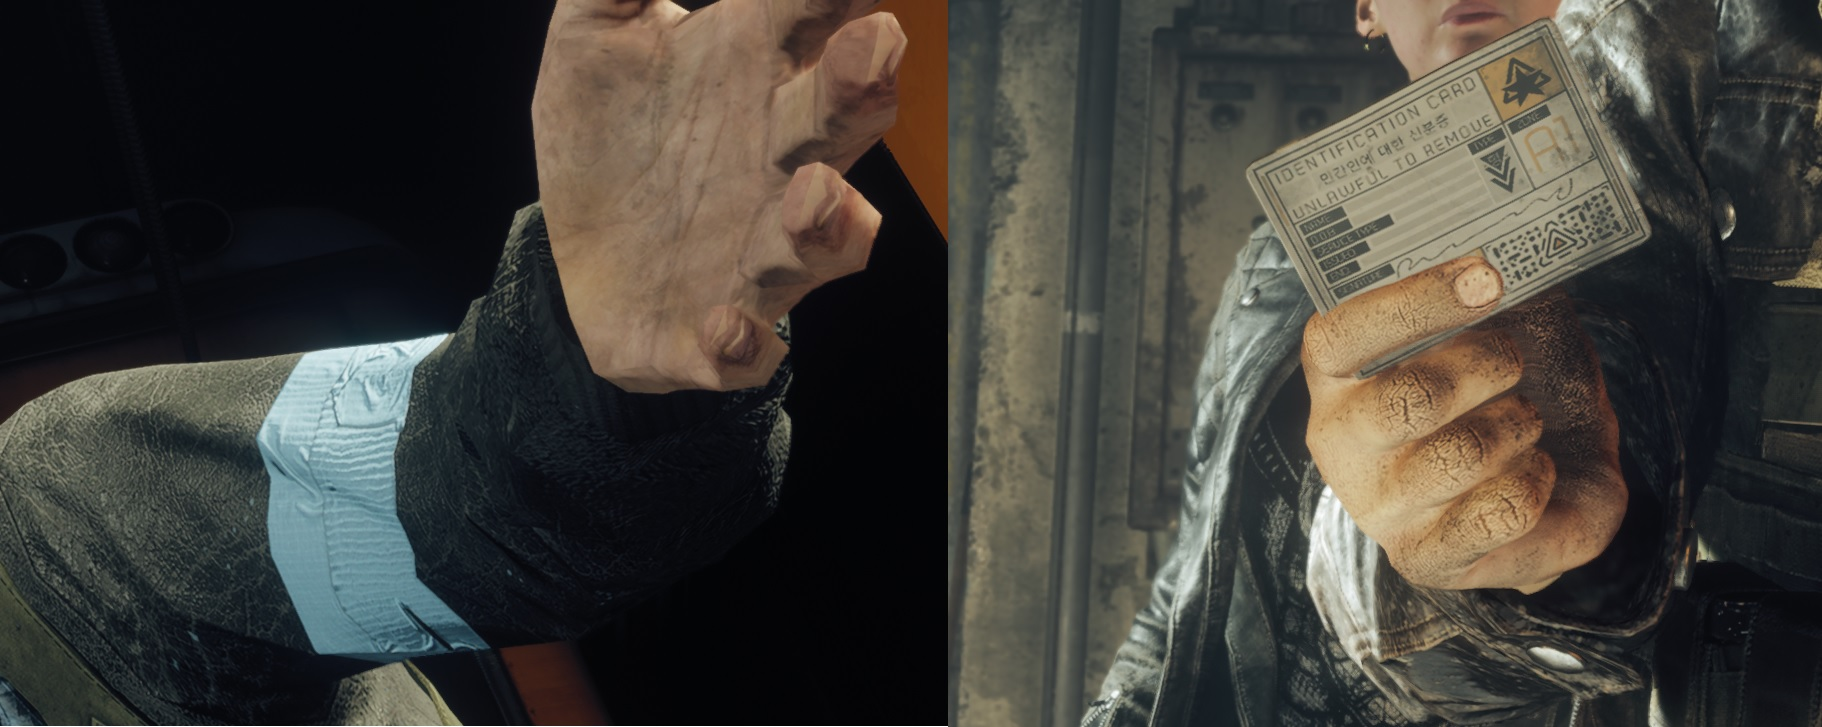 HTR-hands comparison